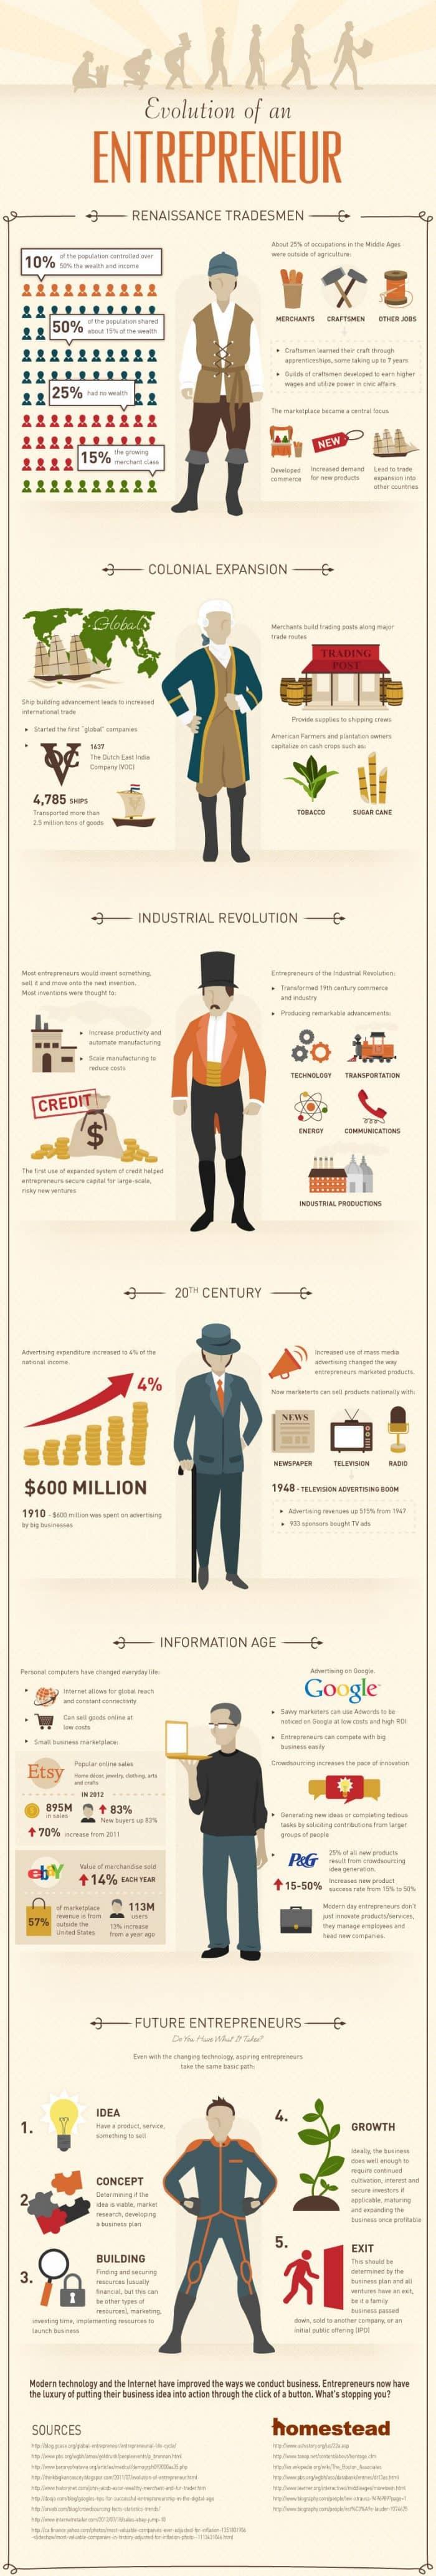 Evolution of an Entrepreneur Infographic